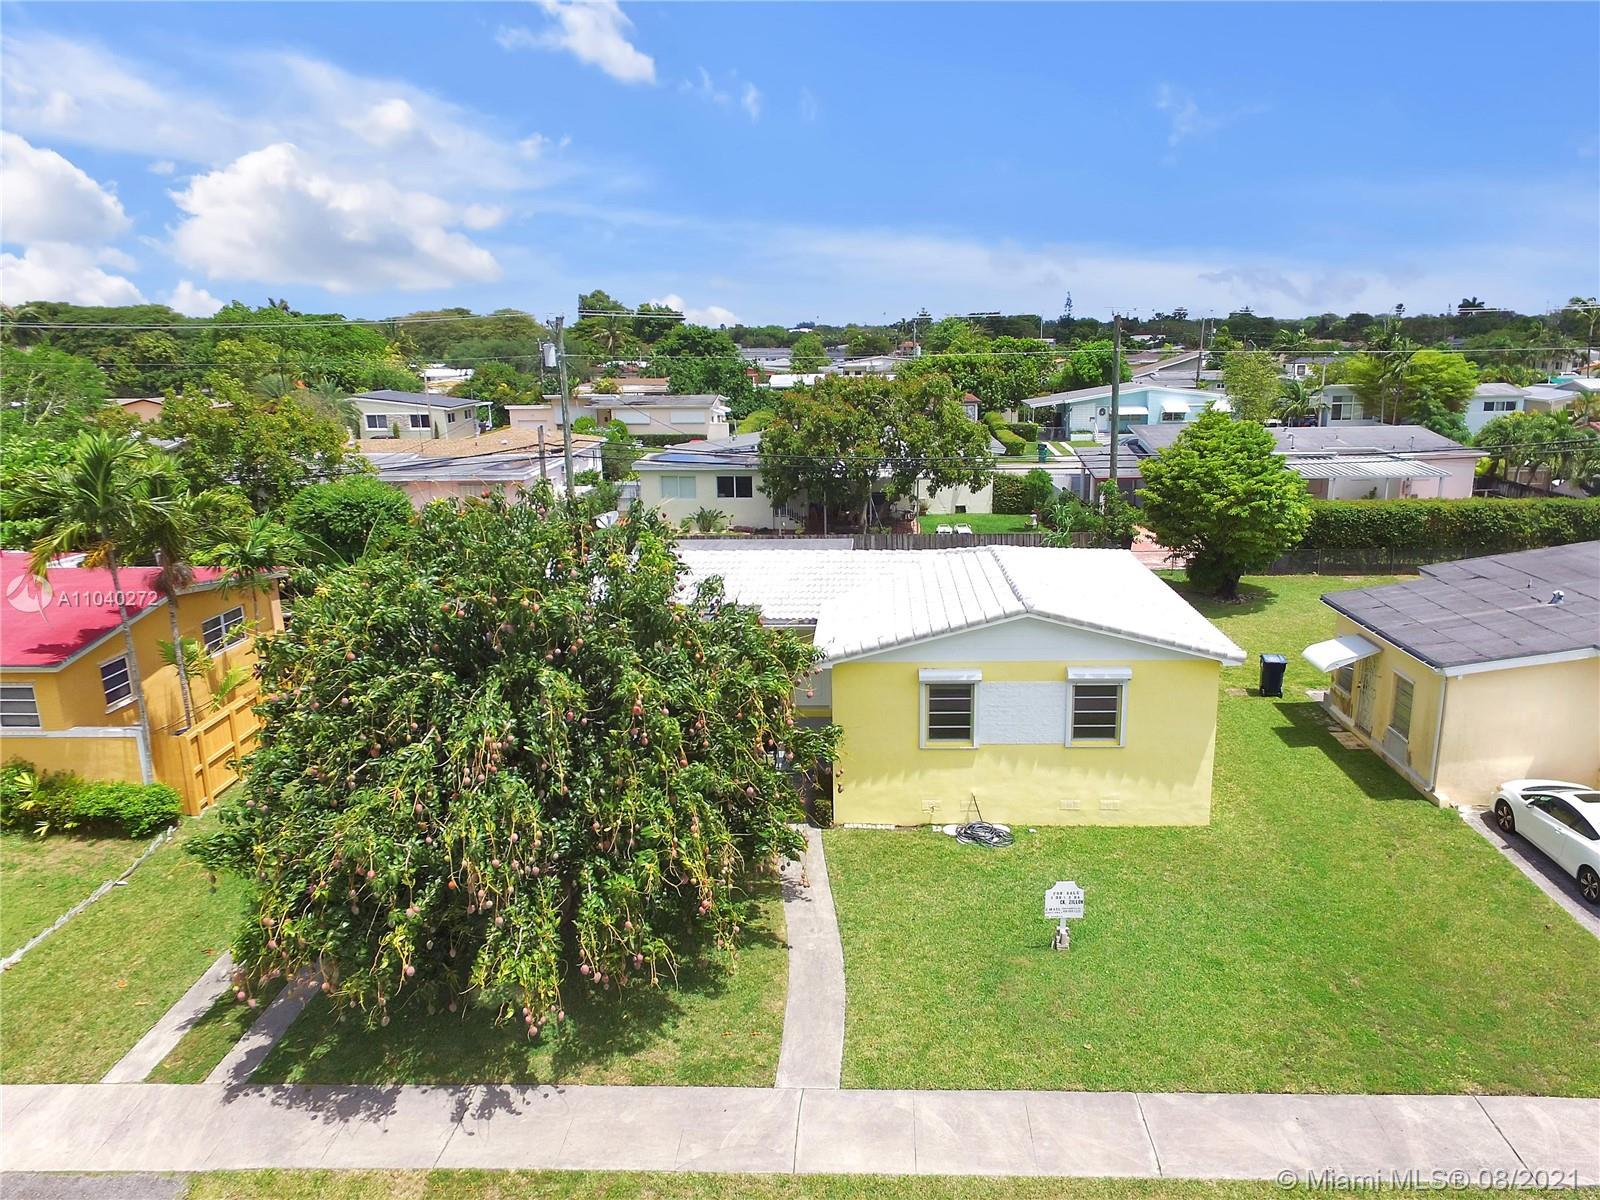 Coral Way Village - 8461 SW 34th Ter, Miami, FL 33155